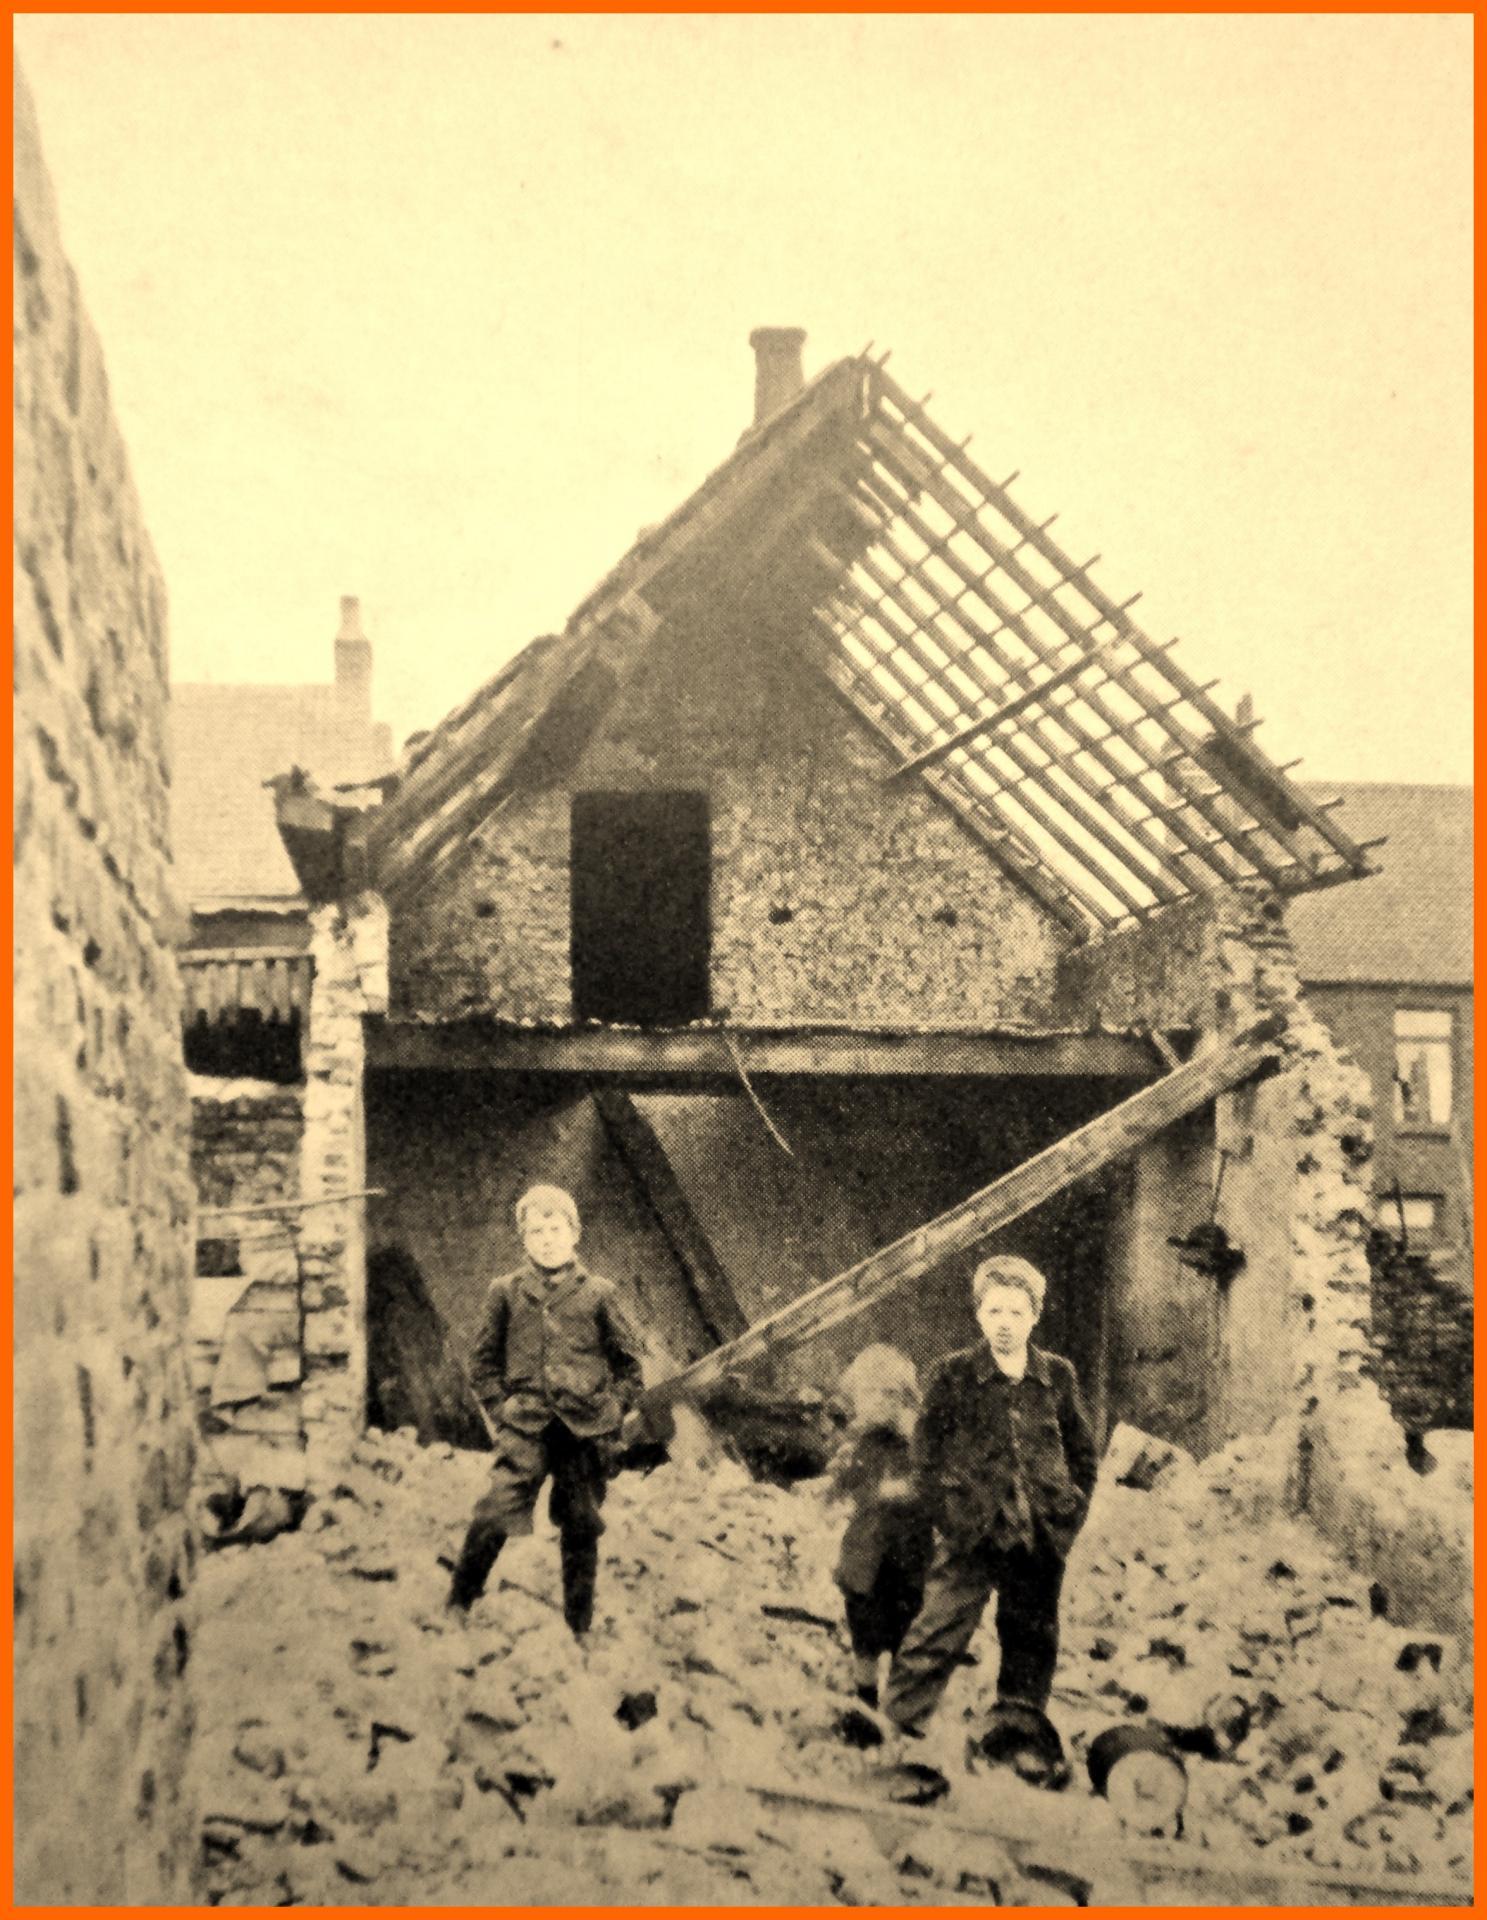 Calais 14 18 apres le second passage du zeppeliln 17 18 mars 1915 au fort nieulay cour landrin encadre